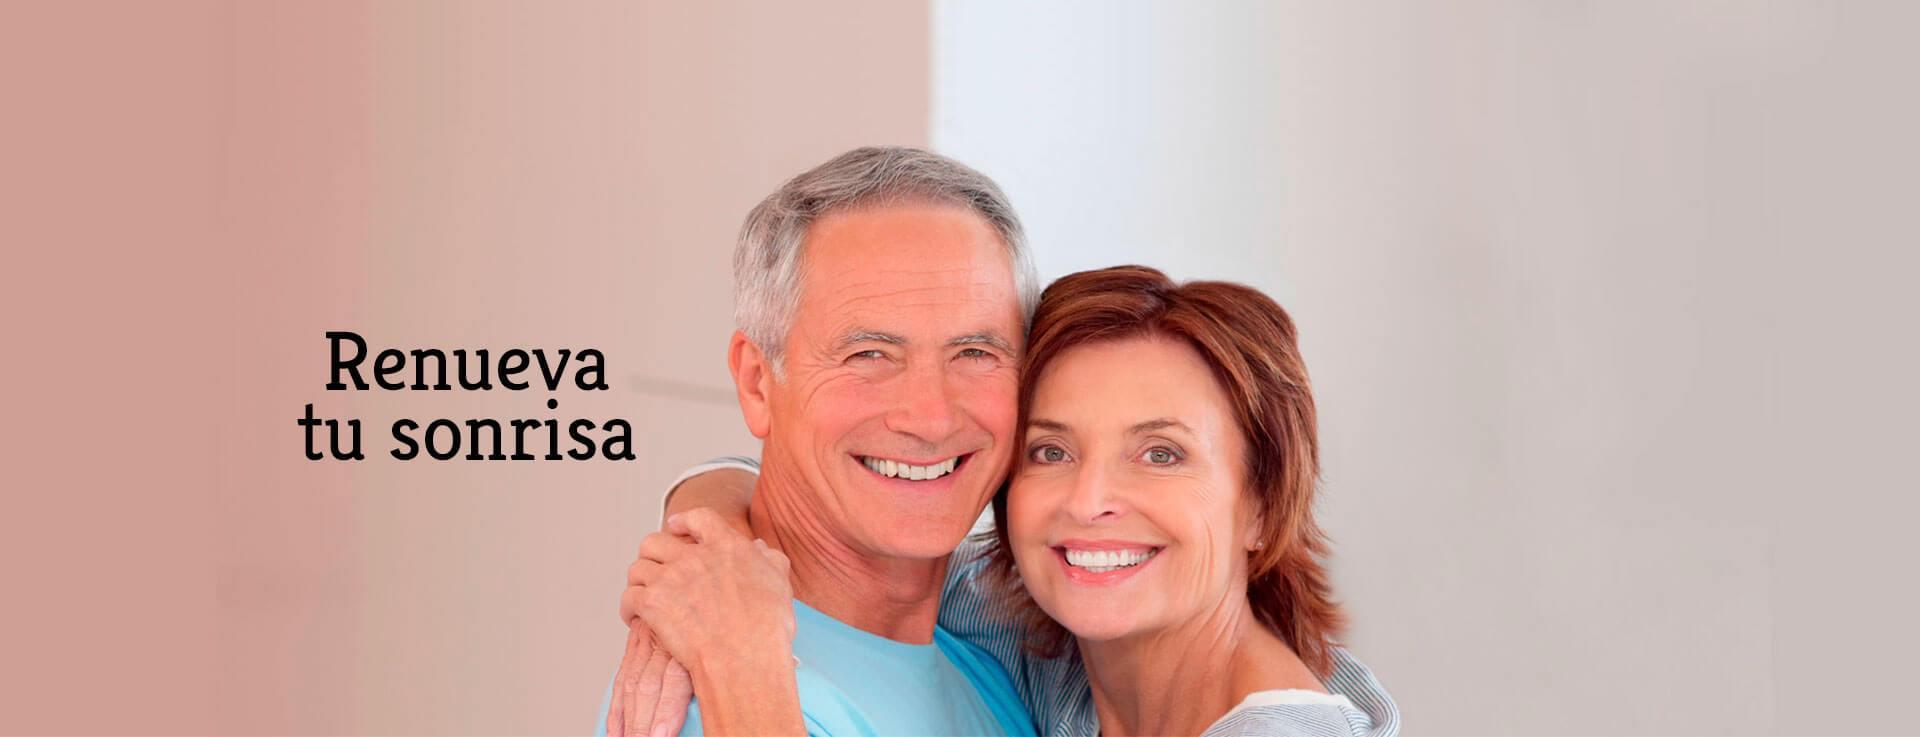 Clínica dental Ciudad Real